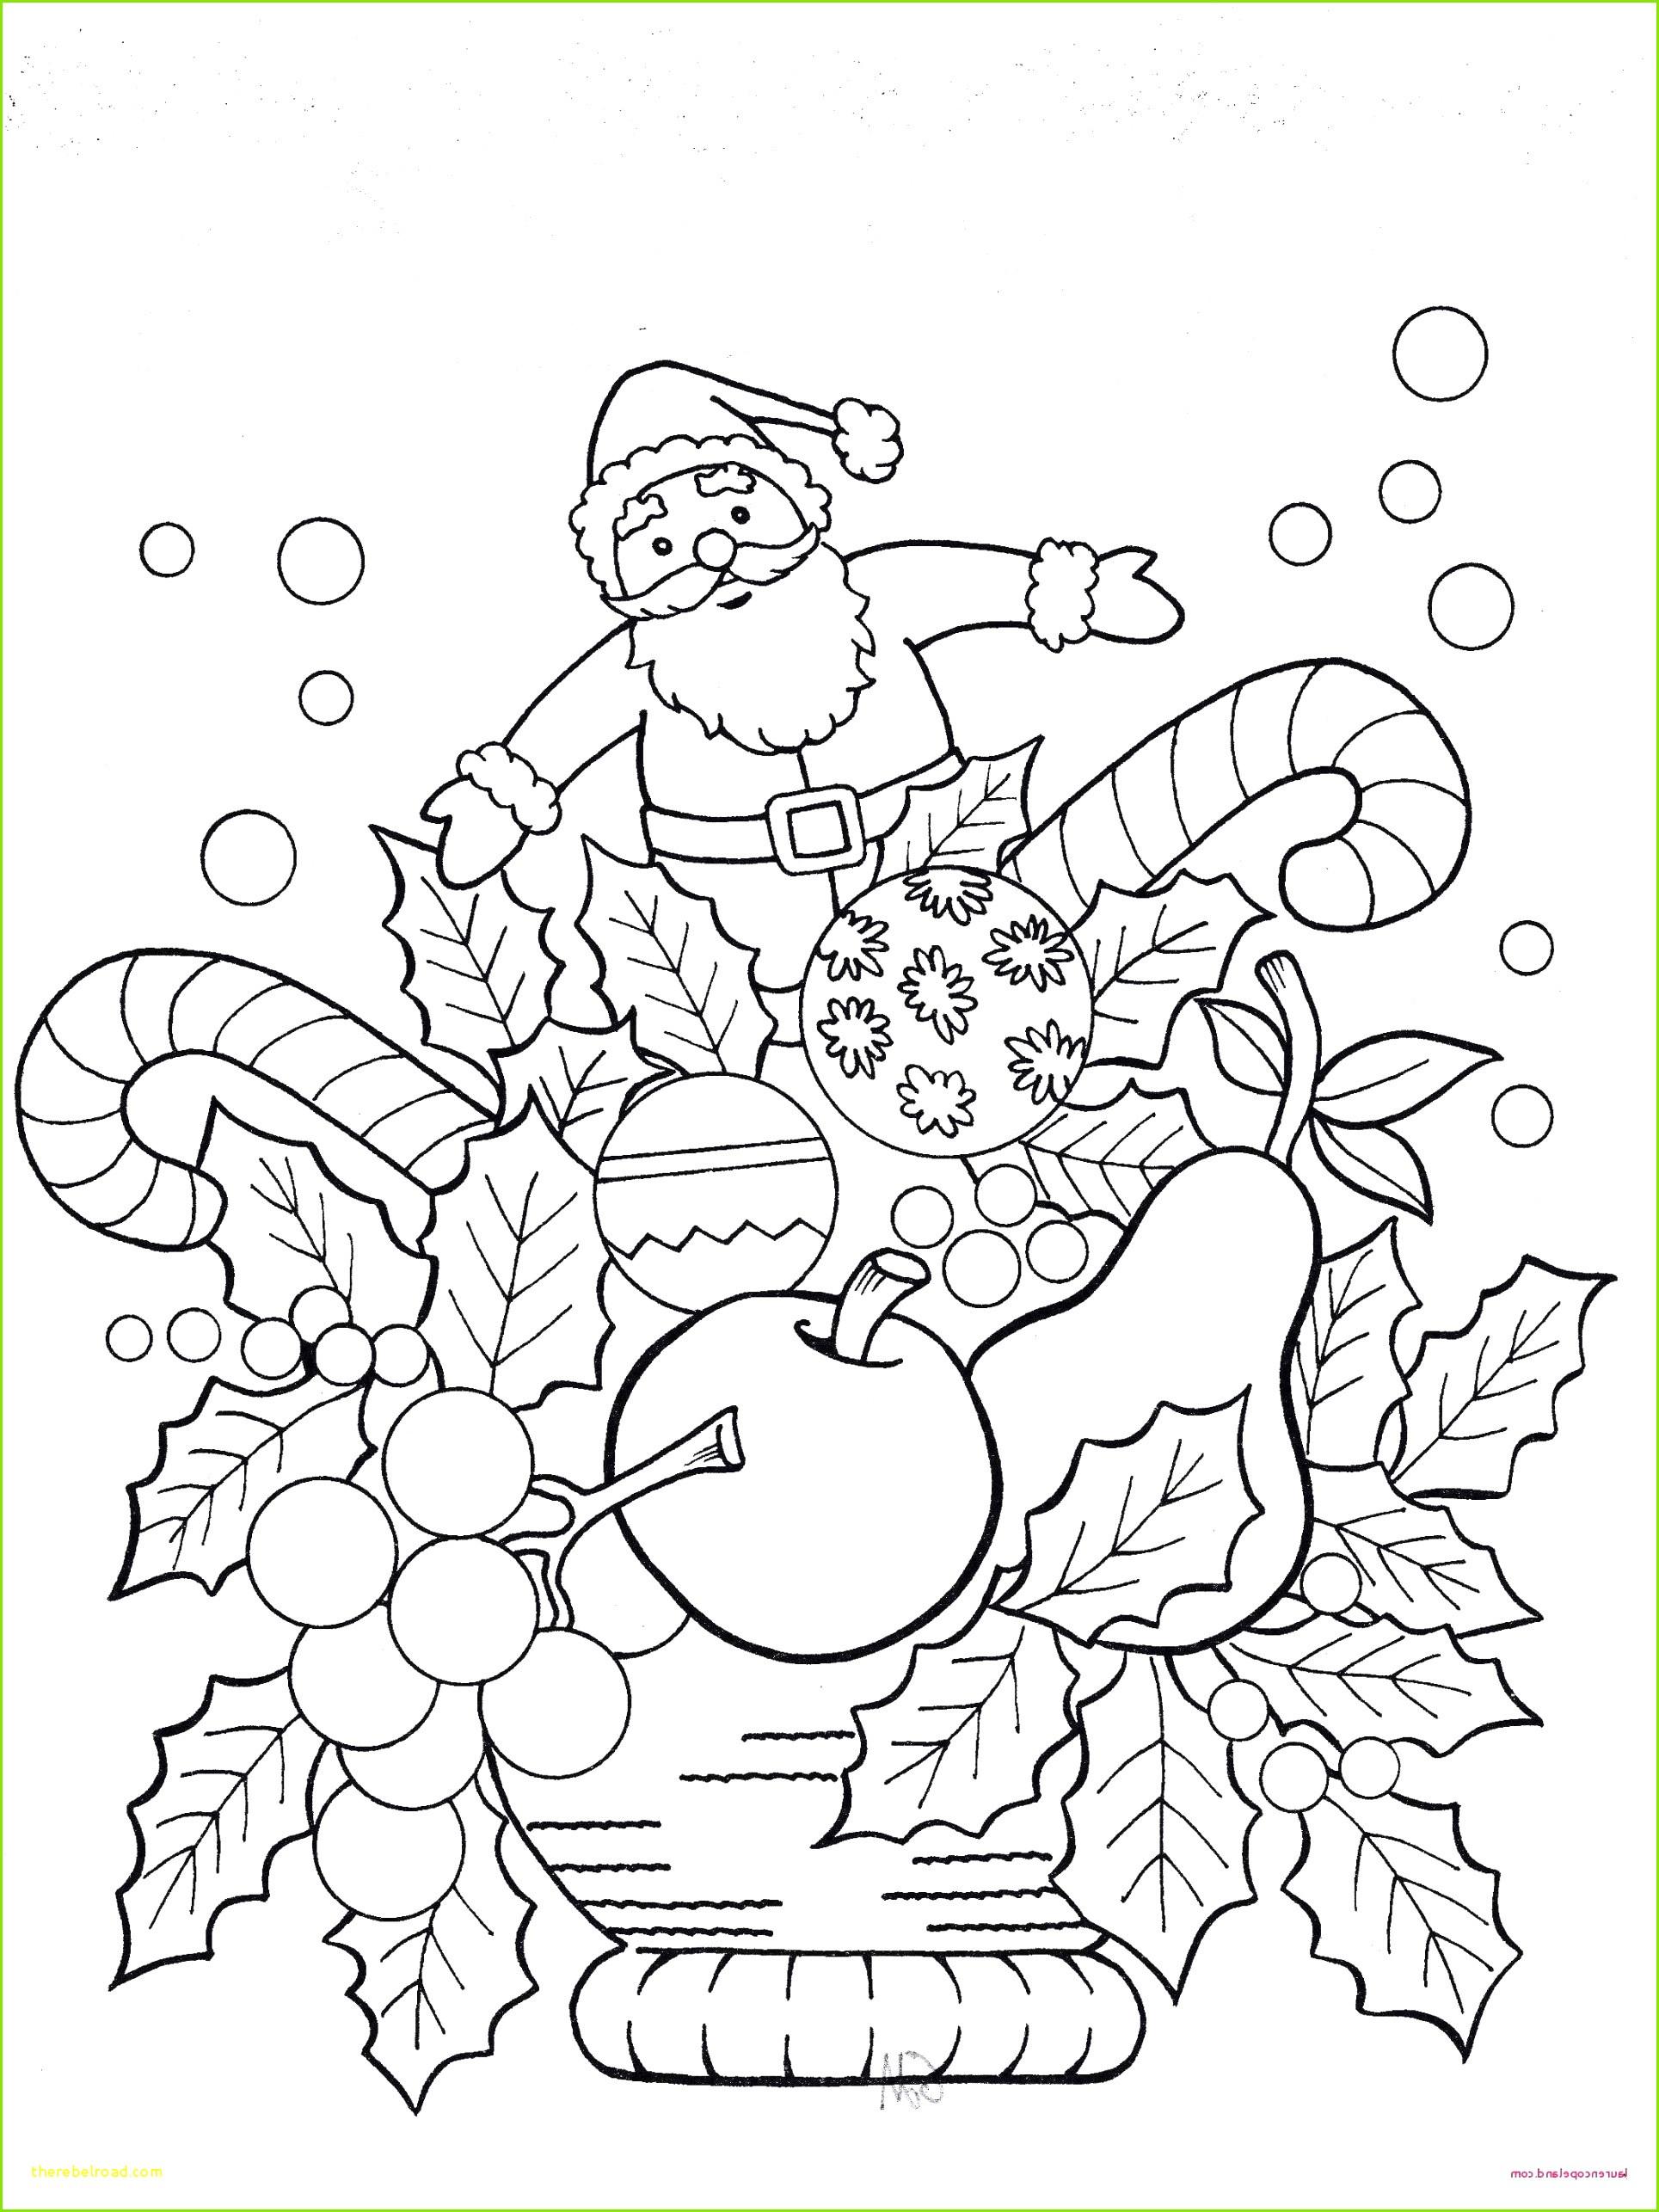 Ausmalbilder Weihnachten Vorlagen Genial 5 Fensterbilder Weihnachten Vorlagen Zum Ausdrucken Das Bild